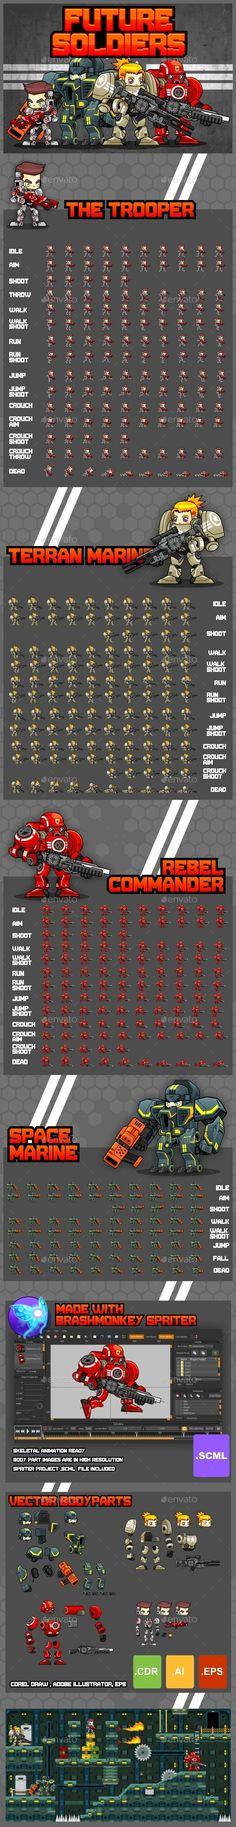 Future Soldiers - Game Sprites (Sprites)